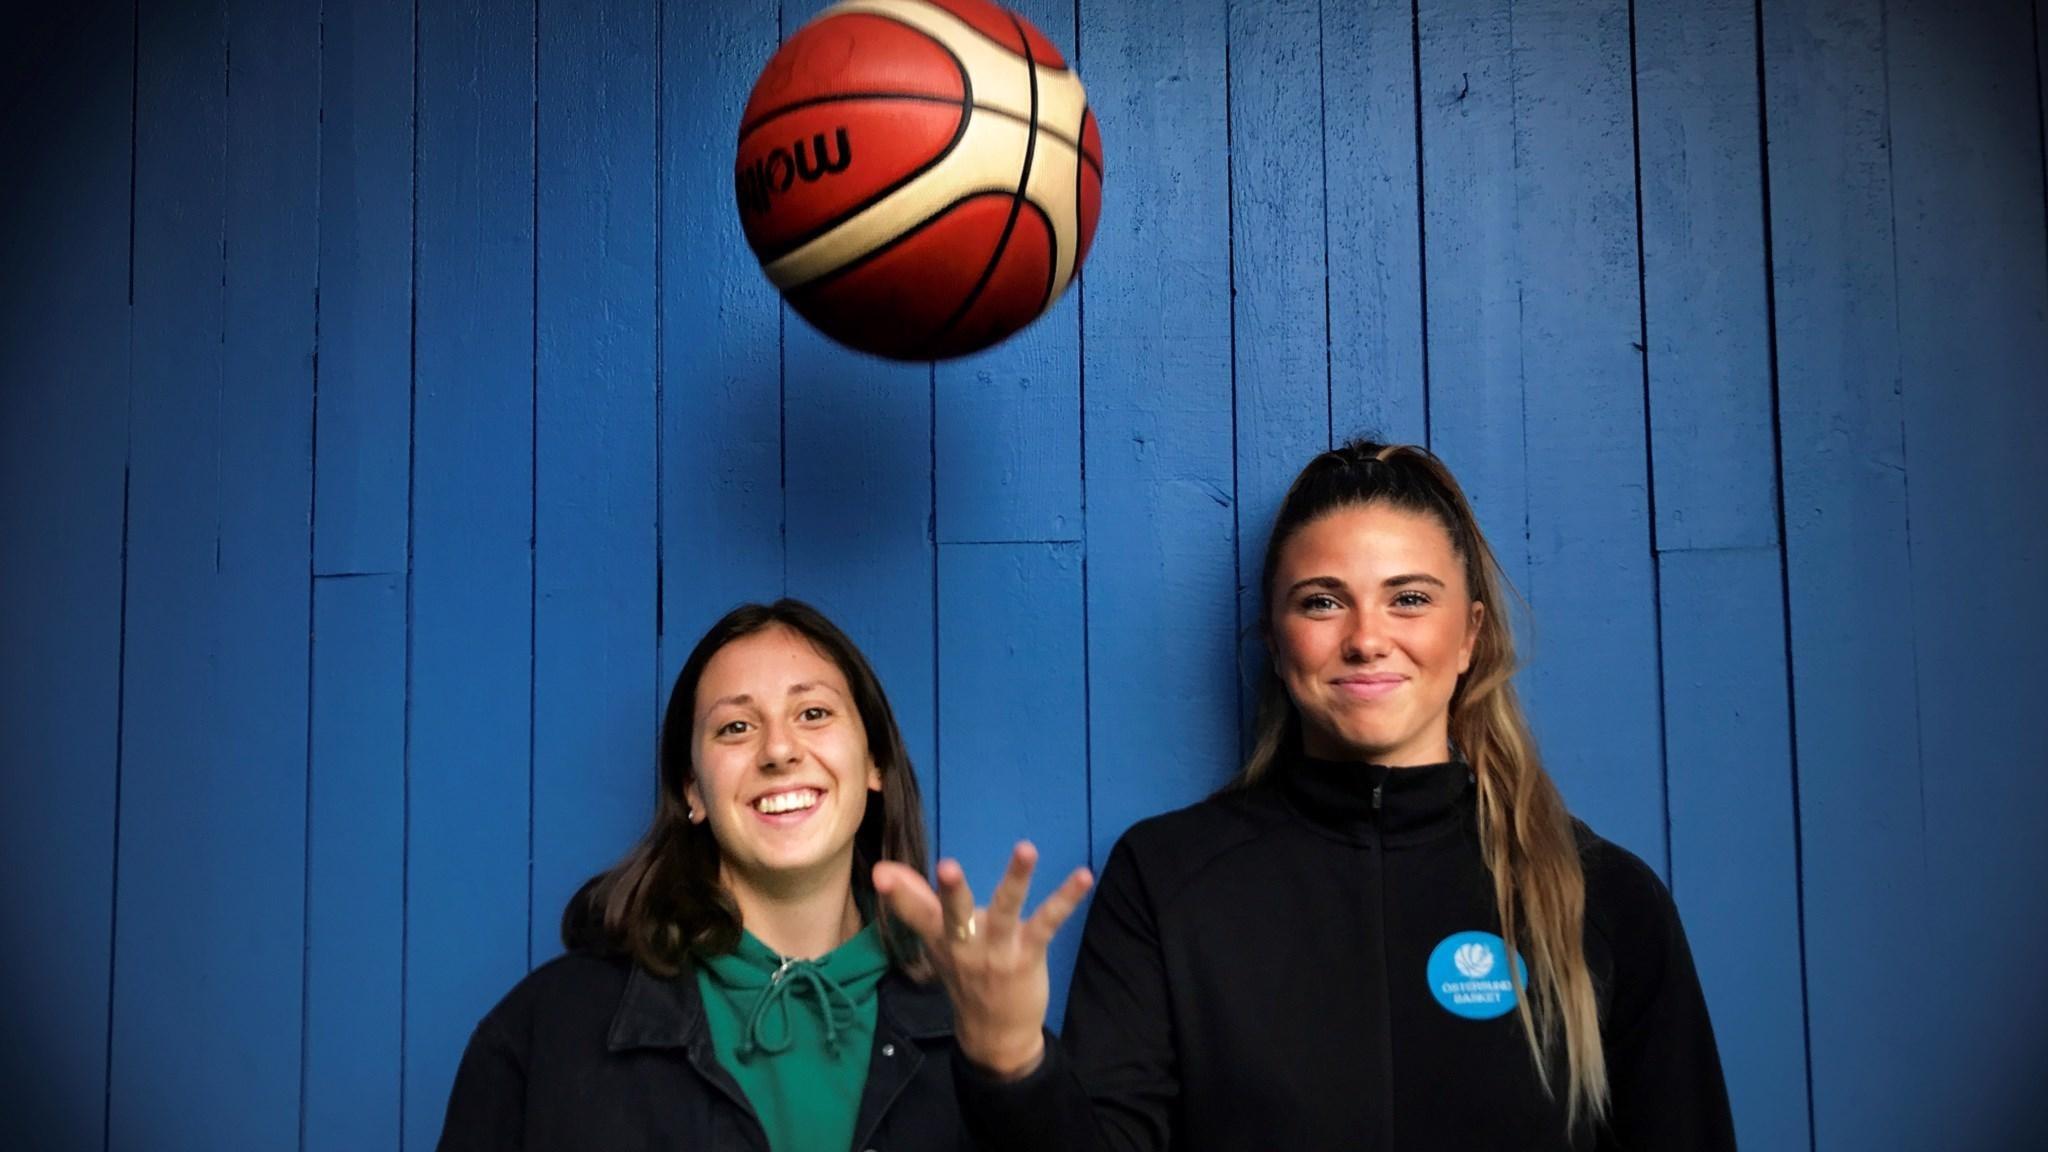 Basket spelare dating